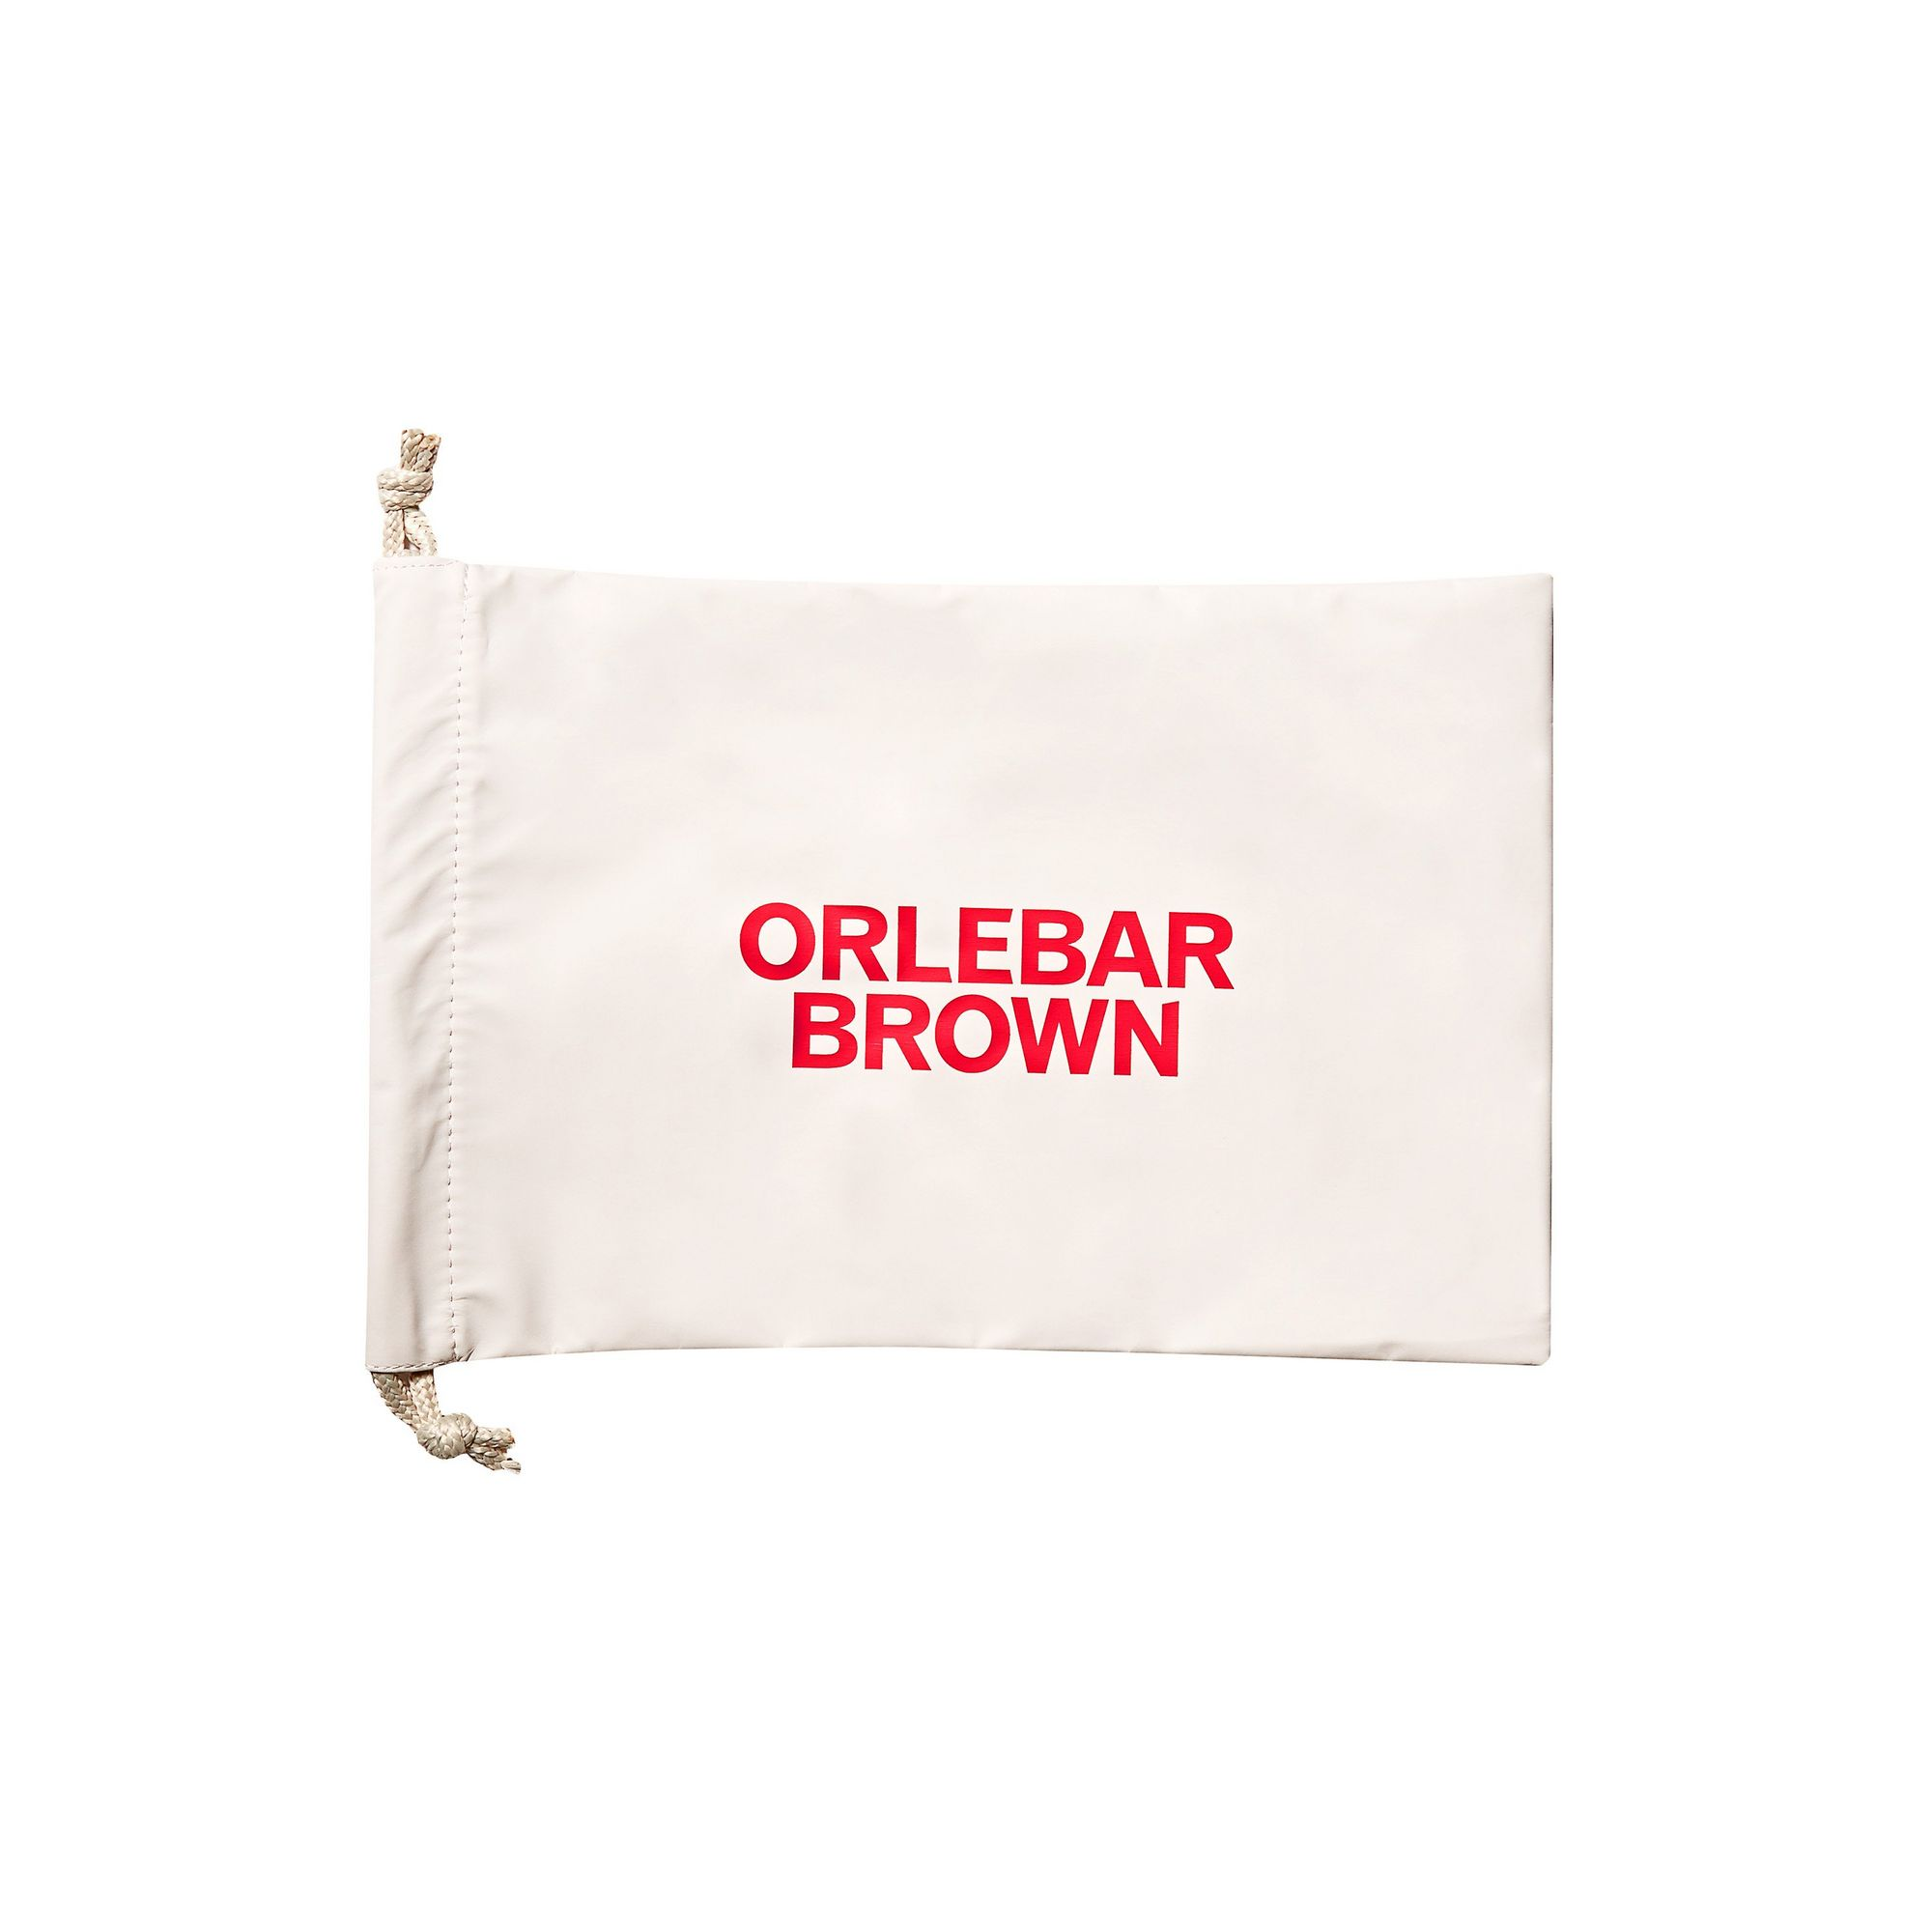 Orlebar Brown SETTER